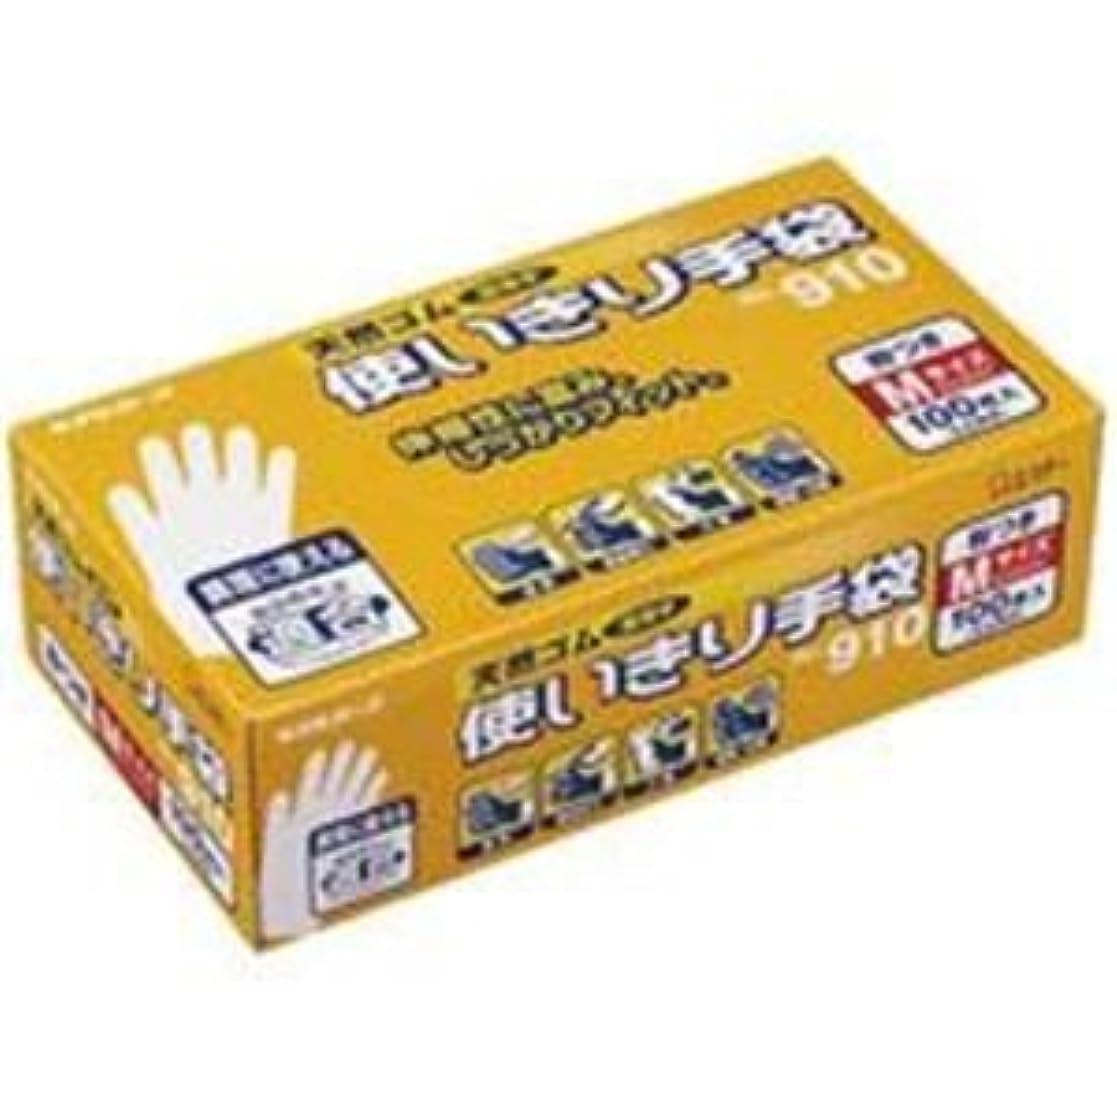 の間で教育学グリップエステー 天然ゴム使い切り手袋/作業用手袋 [No.910/L 12箱]